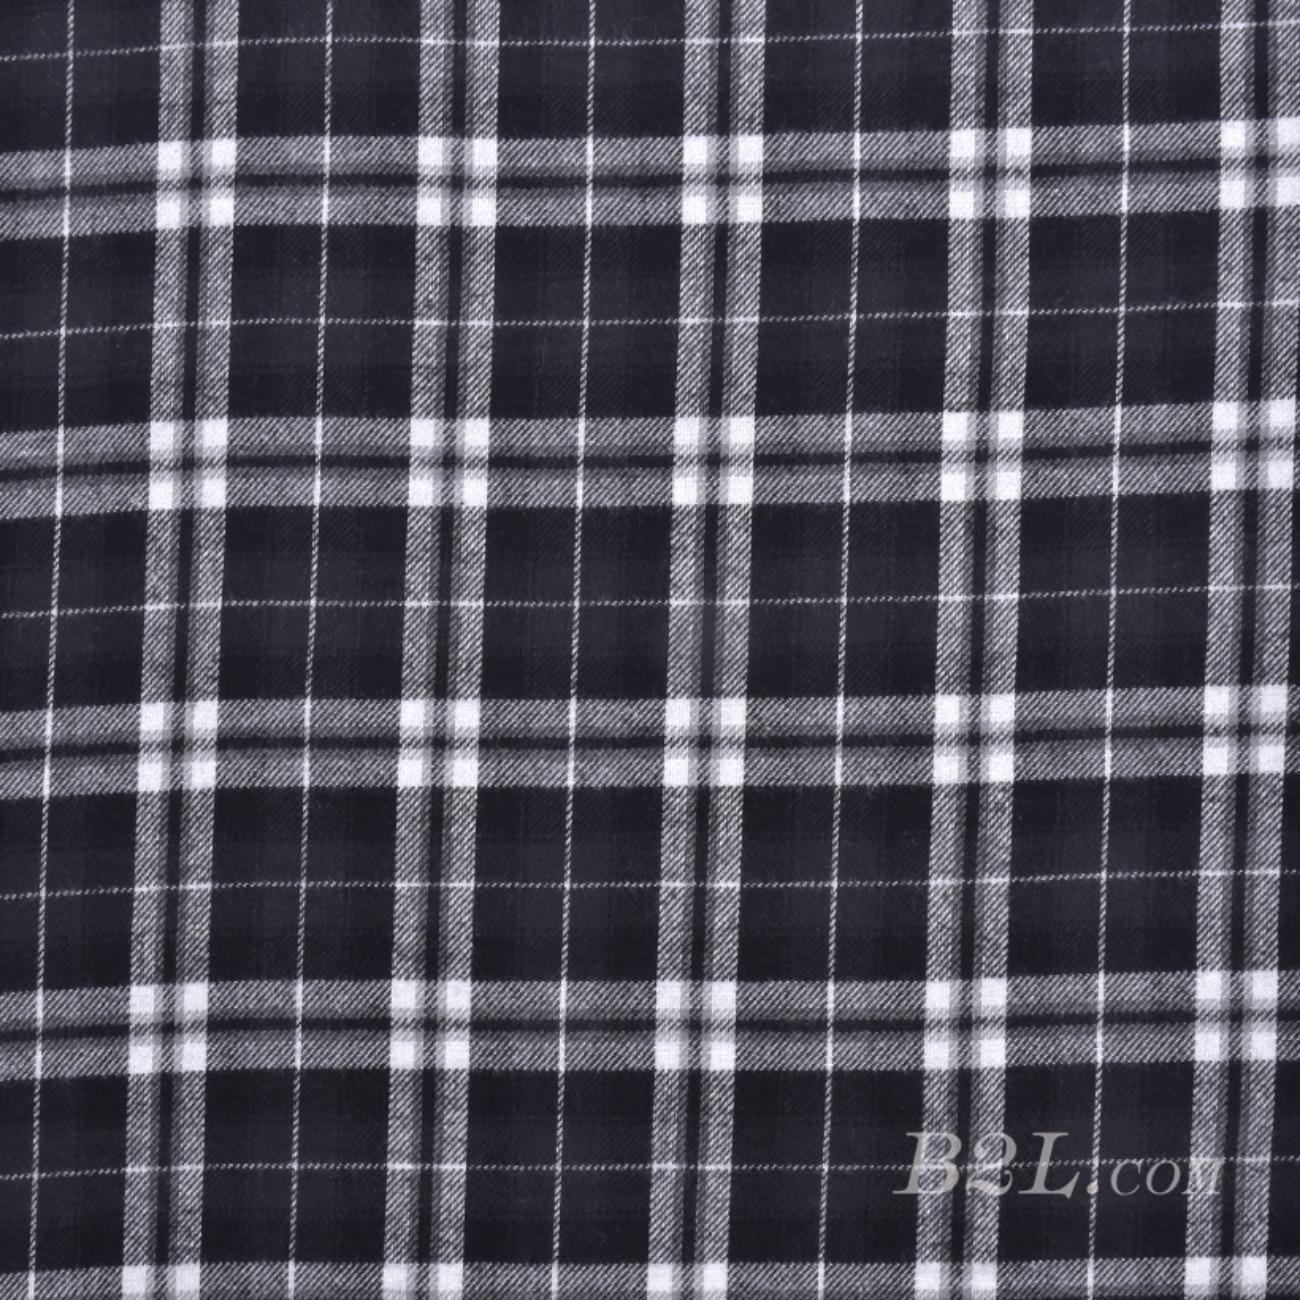 梭织染色格子毛纺面料-春秋冬大衣外套半身裙连衣裙面料S1523